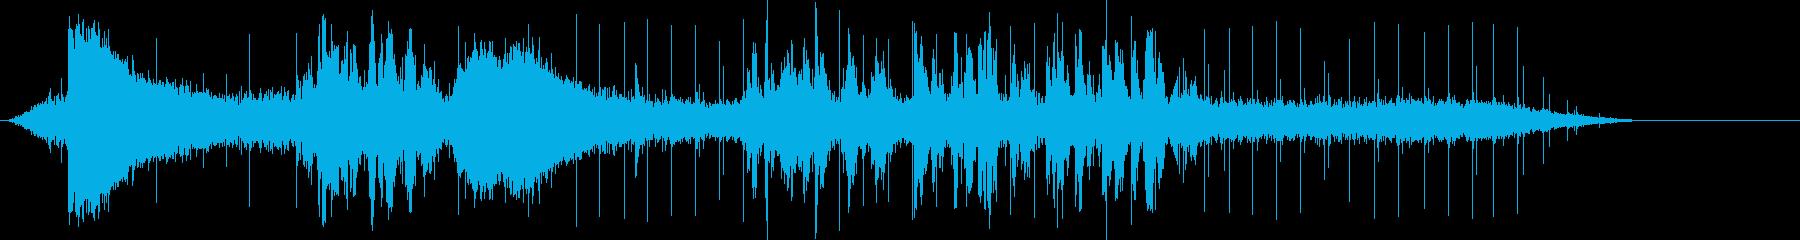 ホール・ブリシオ列車の再生済みの波形